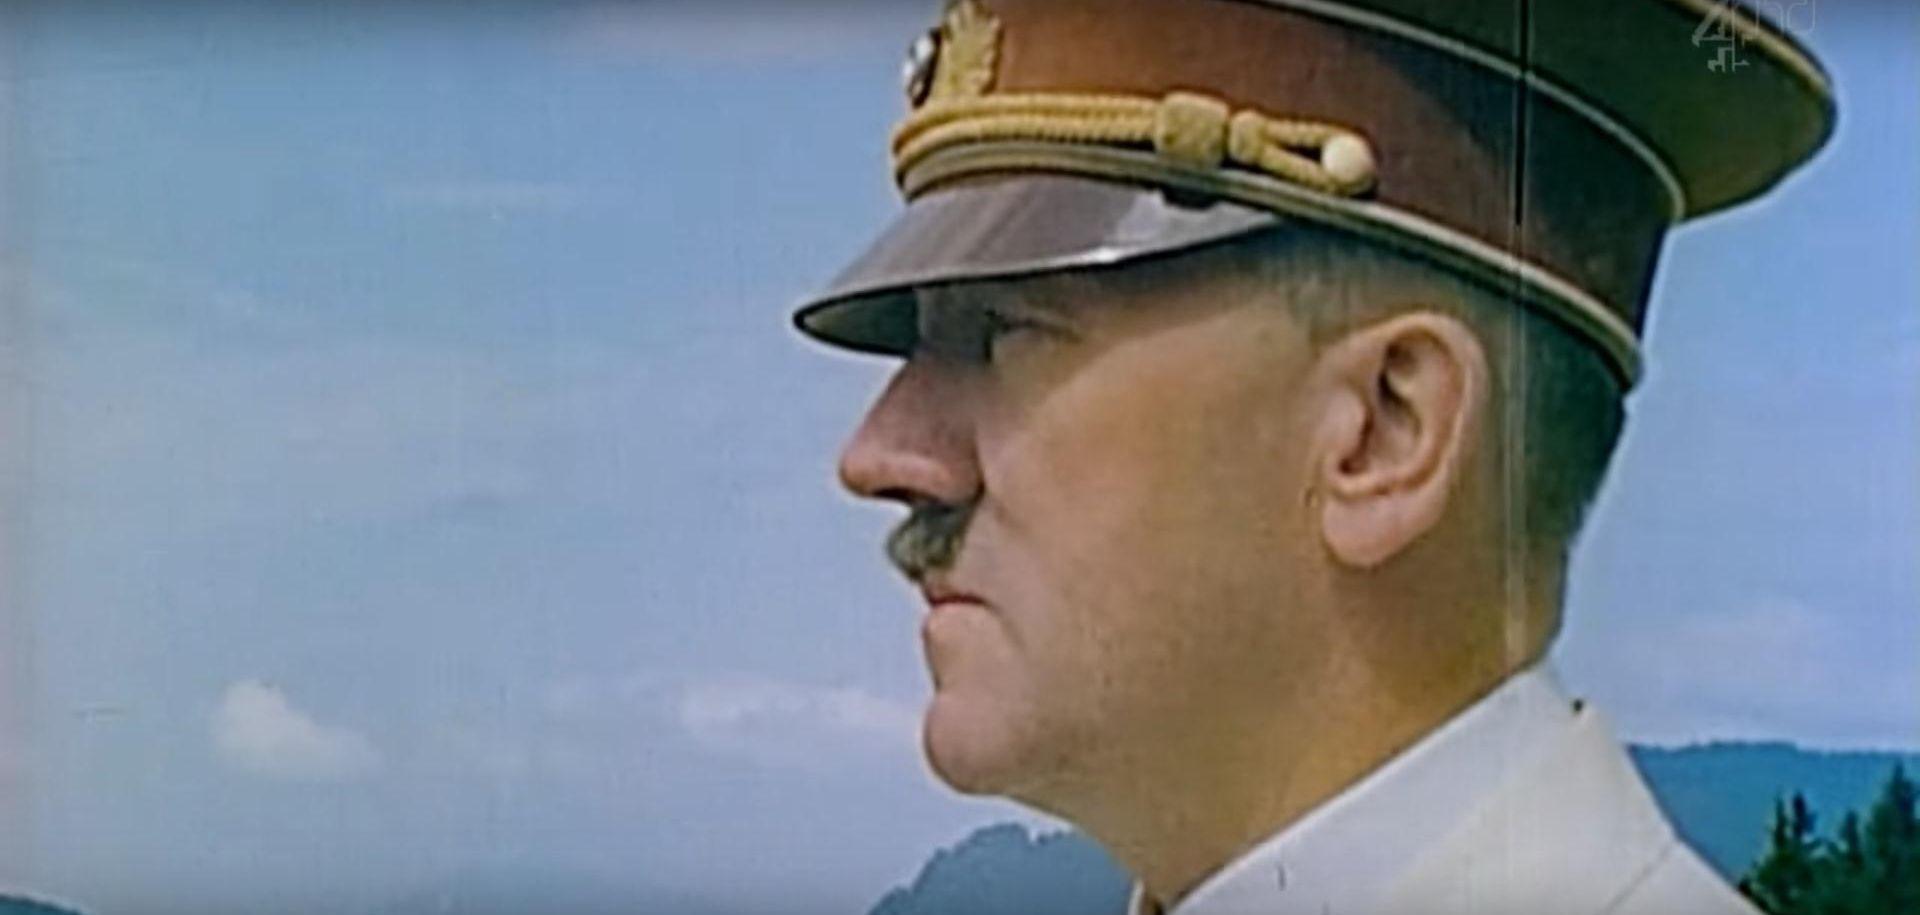 BRITANSKA RUGALICA IPAK ISTINITA Iz zdravstvenog kartona vidljivo da je Hitler imao jedan testis